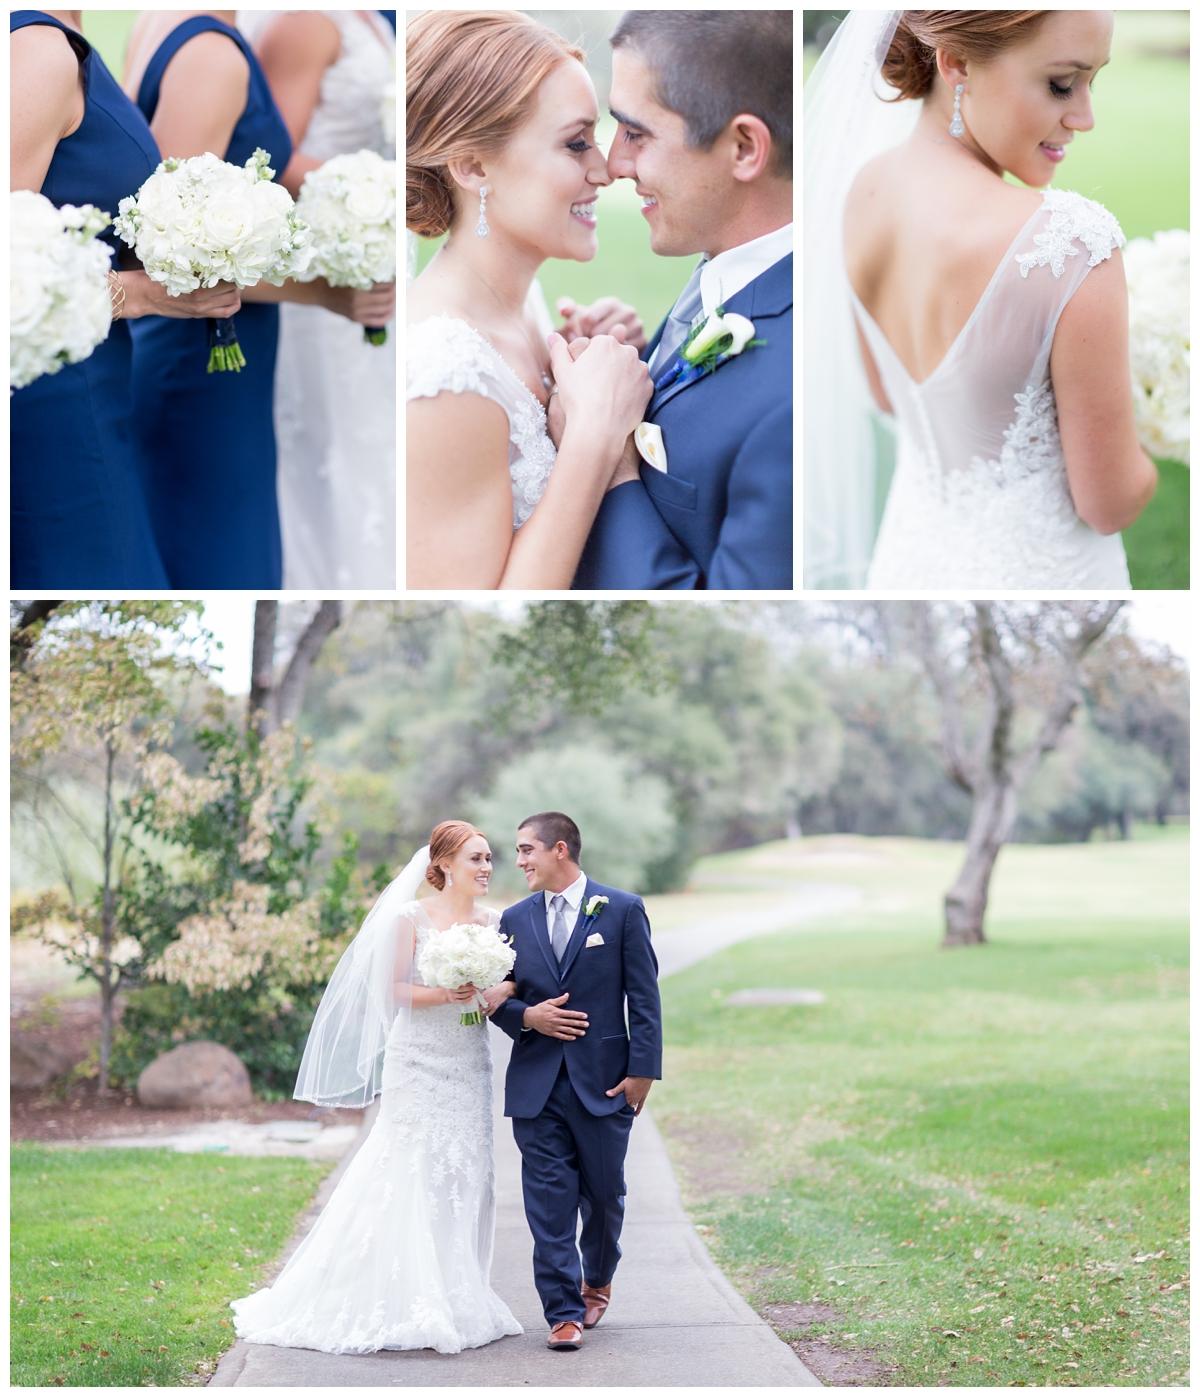 Canyon-Oaks-Country-Club-Wedding-Photos_2984.jpg